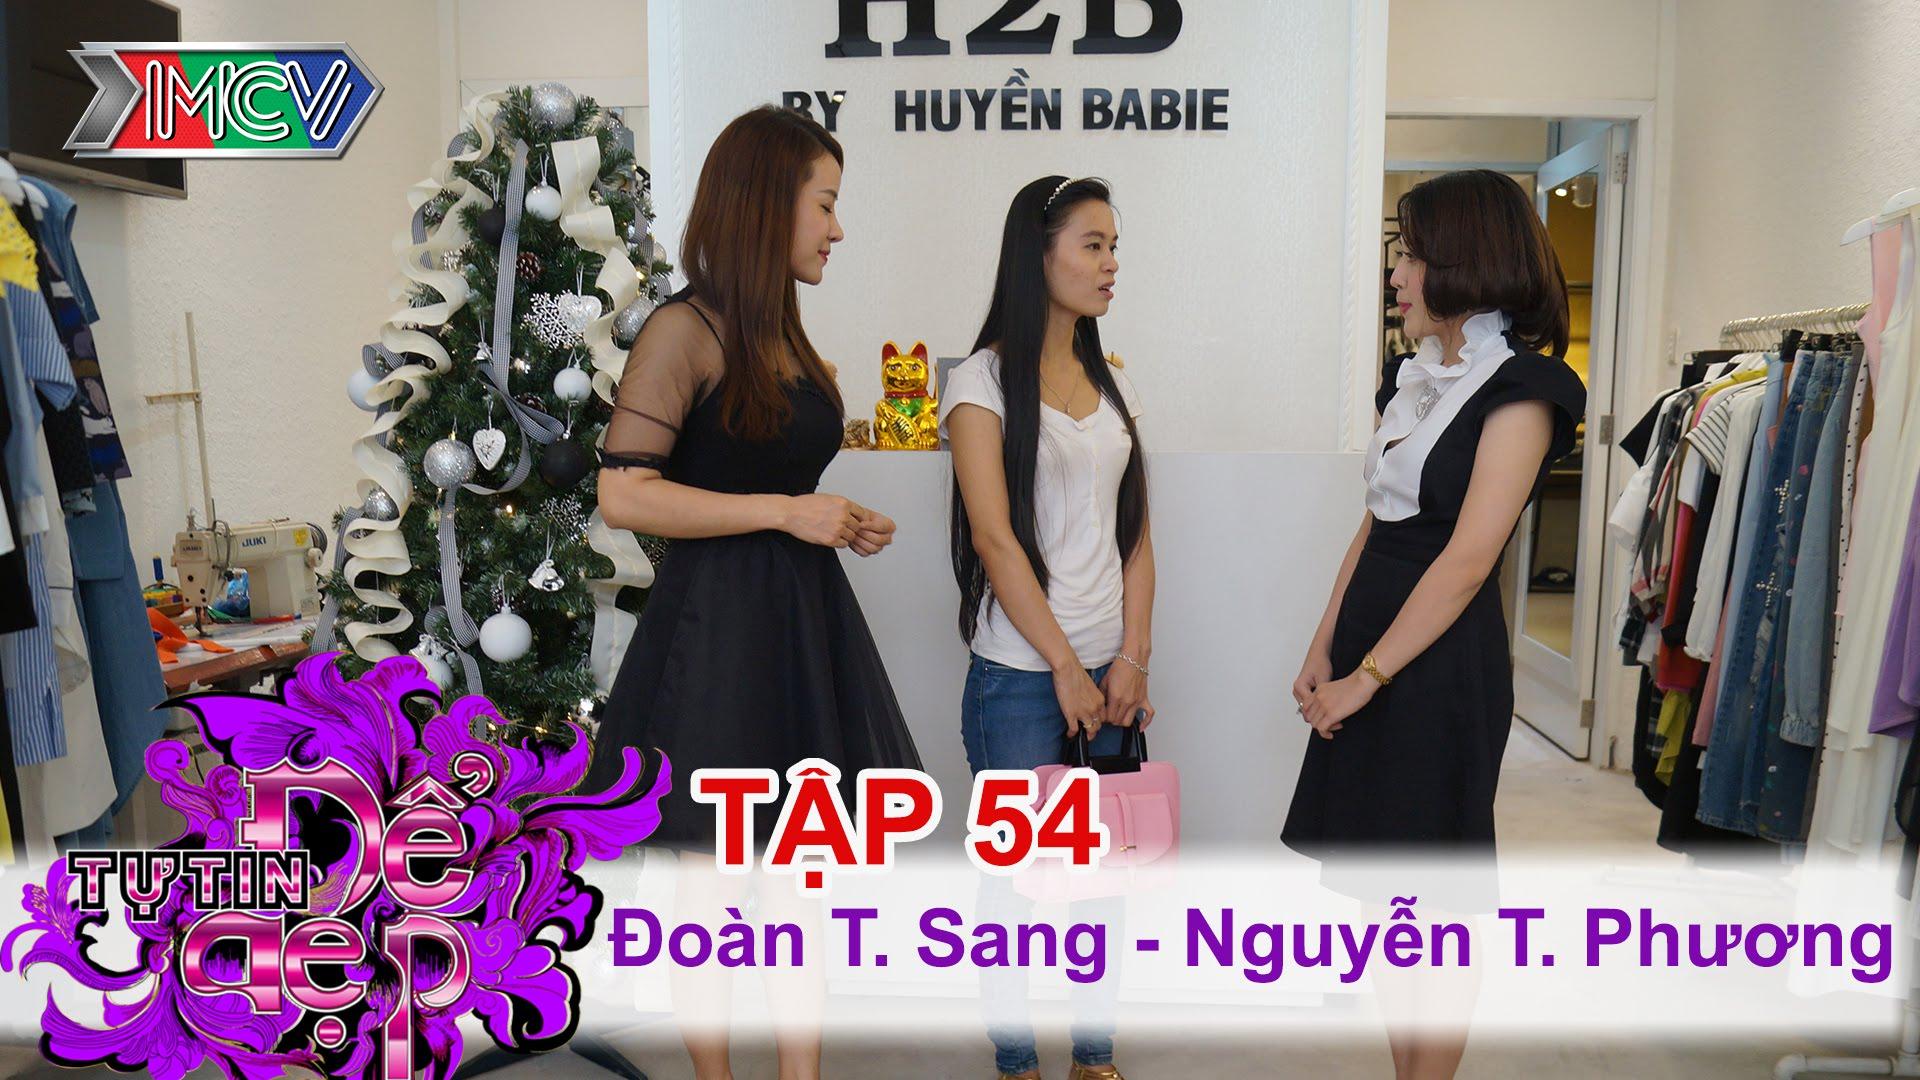 tu-tin-de-dep-tap-54-chi-doan-t-sang-chi-nguyen-t-phuong